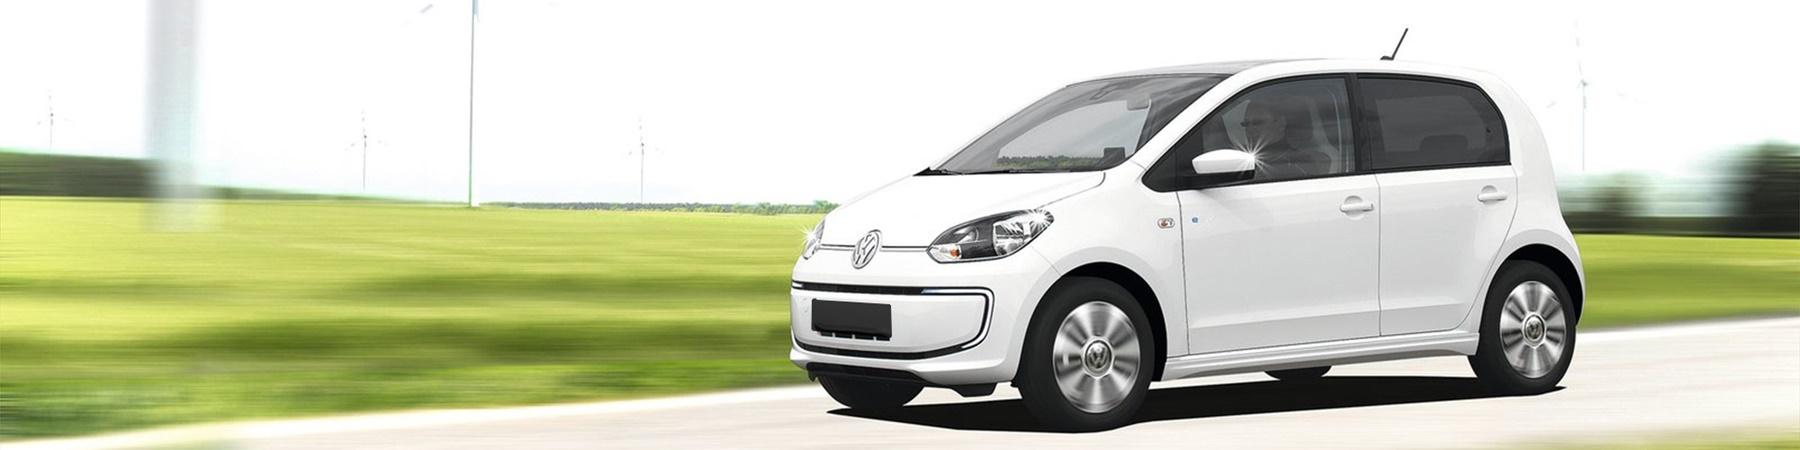 Volkswagen up! 18.7kWh 113 km actieradius